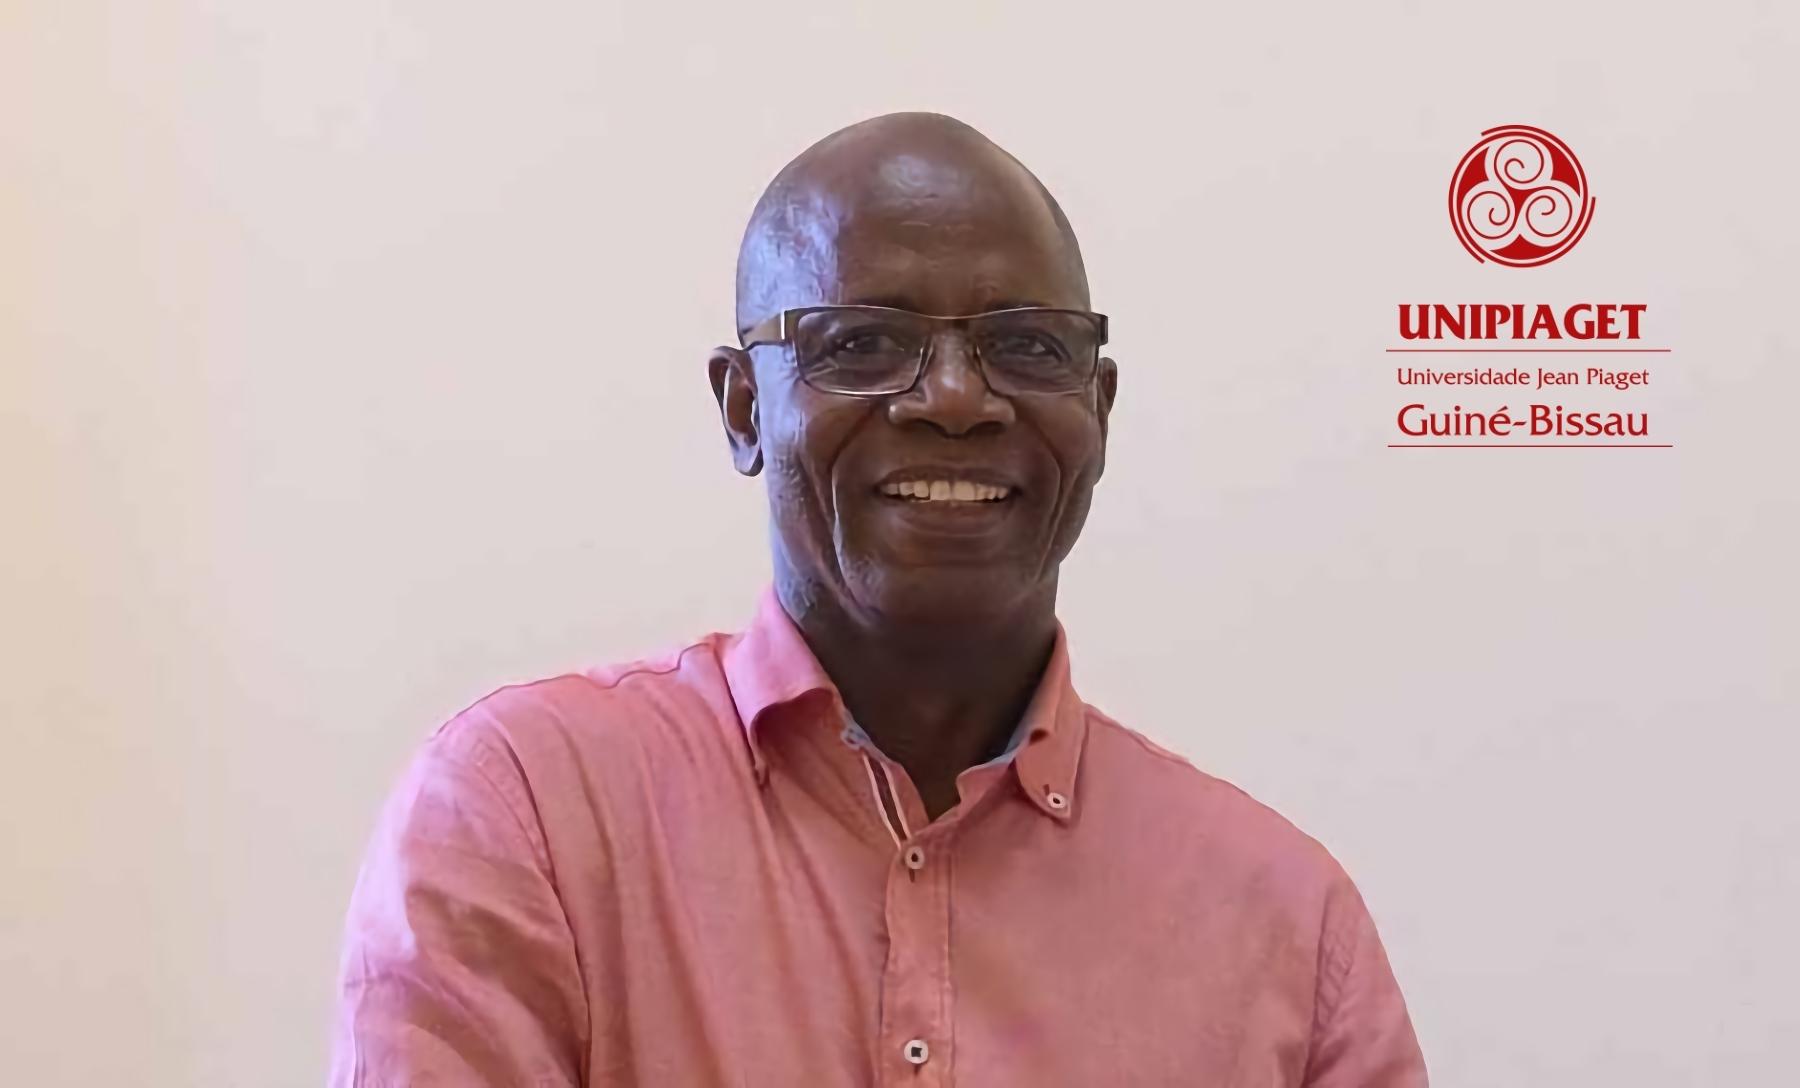 Reitor da UniPiaget da Guiné-Bissau nomeado Alto Comissário para o Covid-19